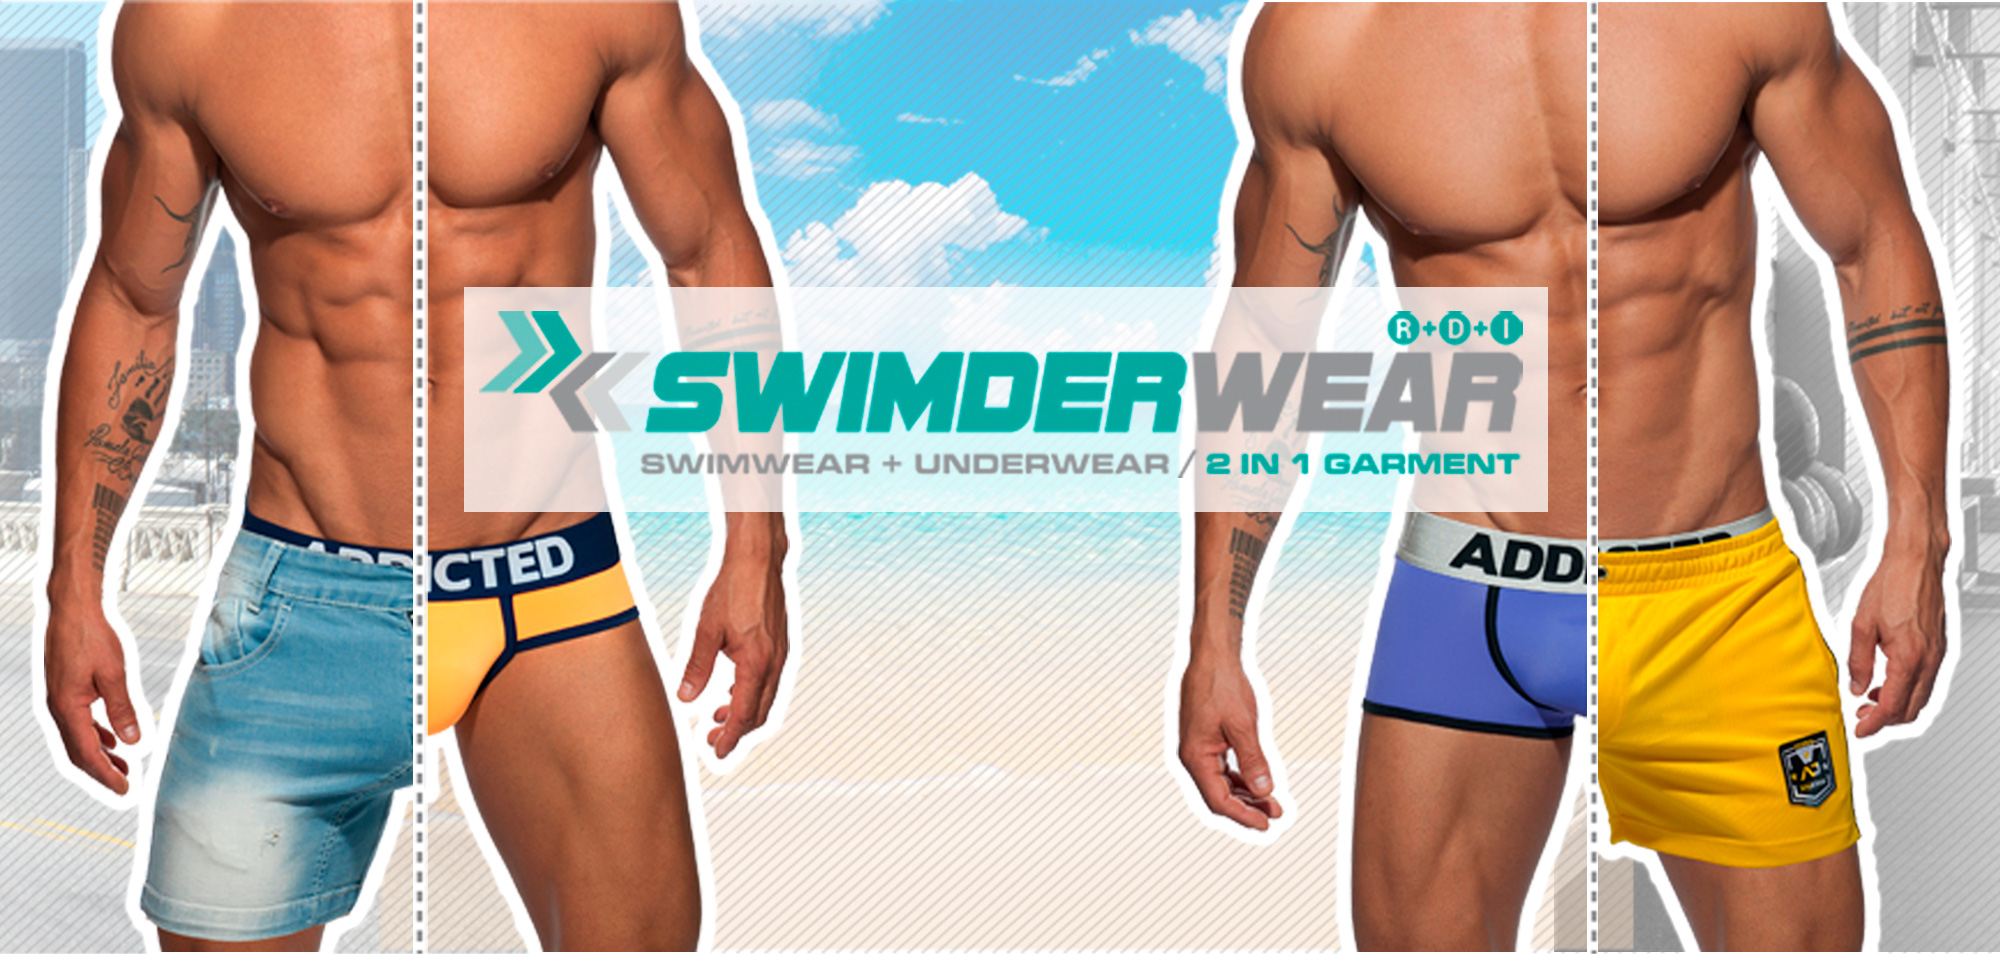 d2e2b04513 Addicted Swimderwear : underwear + swimwear 2 in 1 garment | Underwear